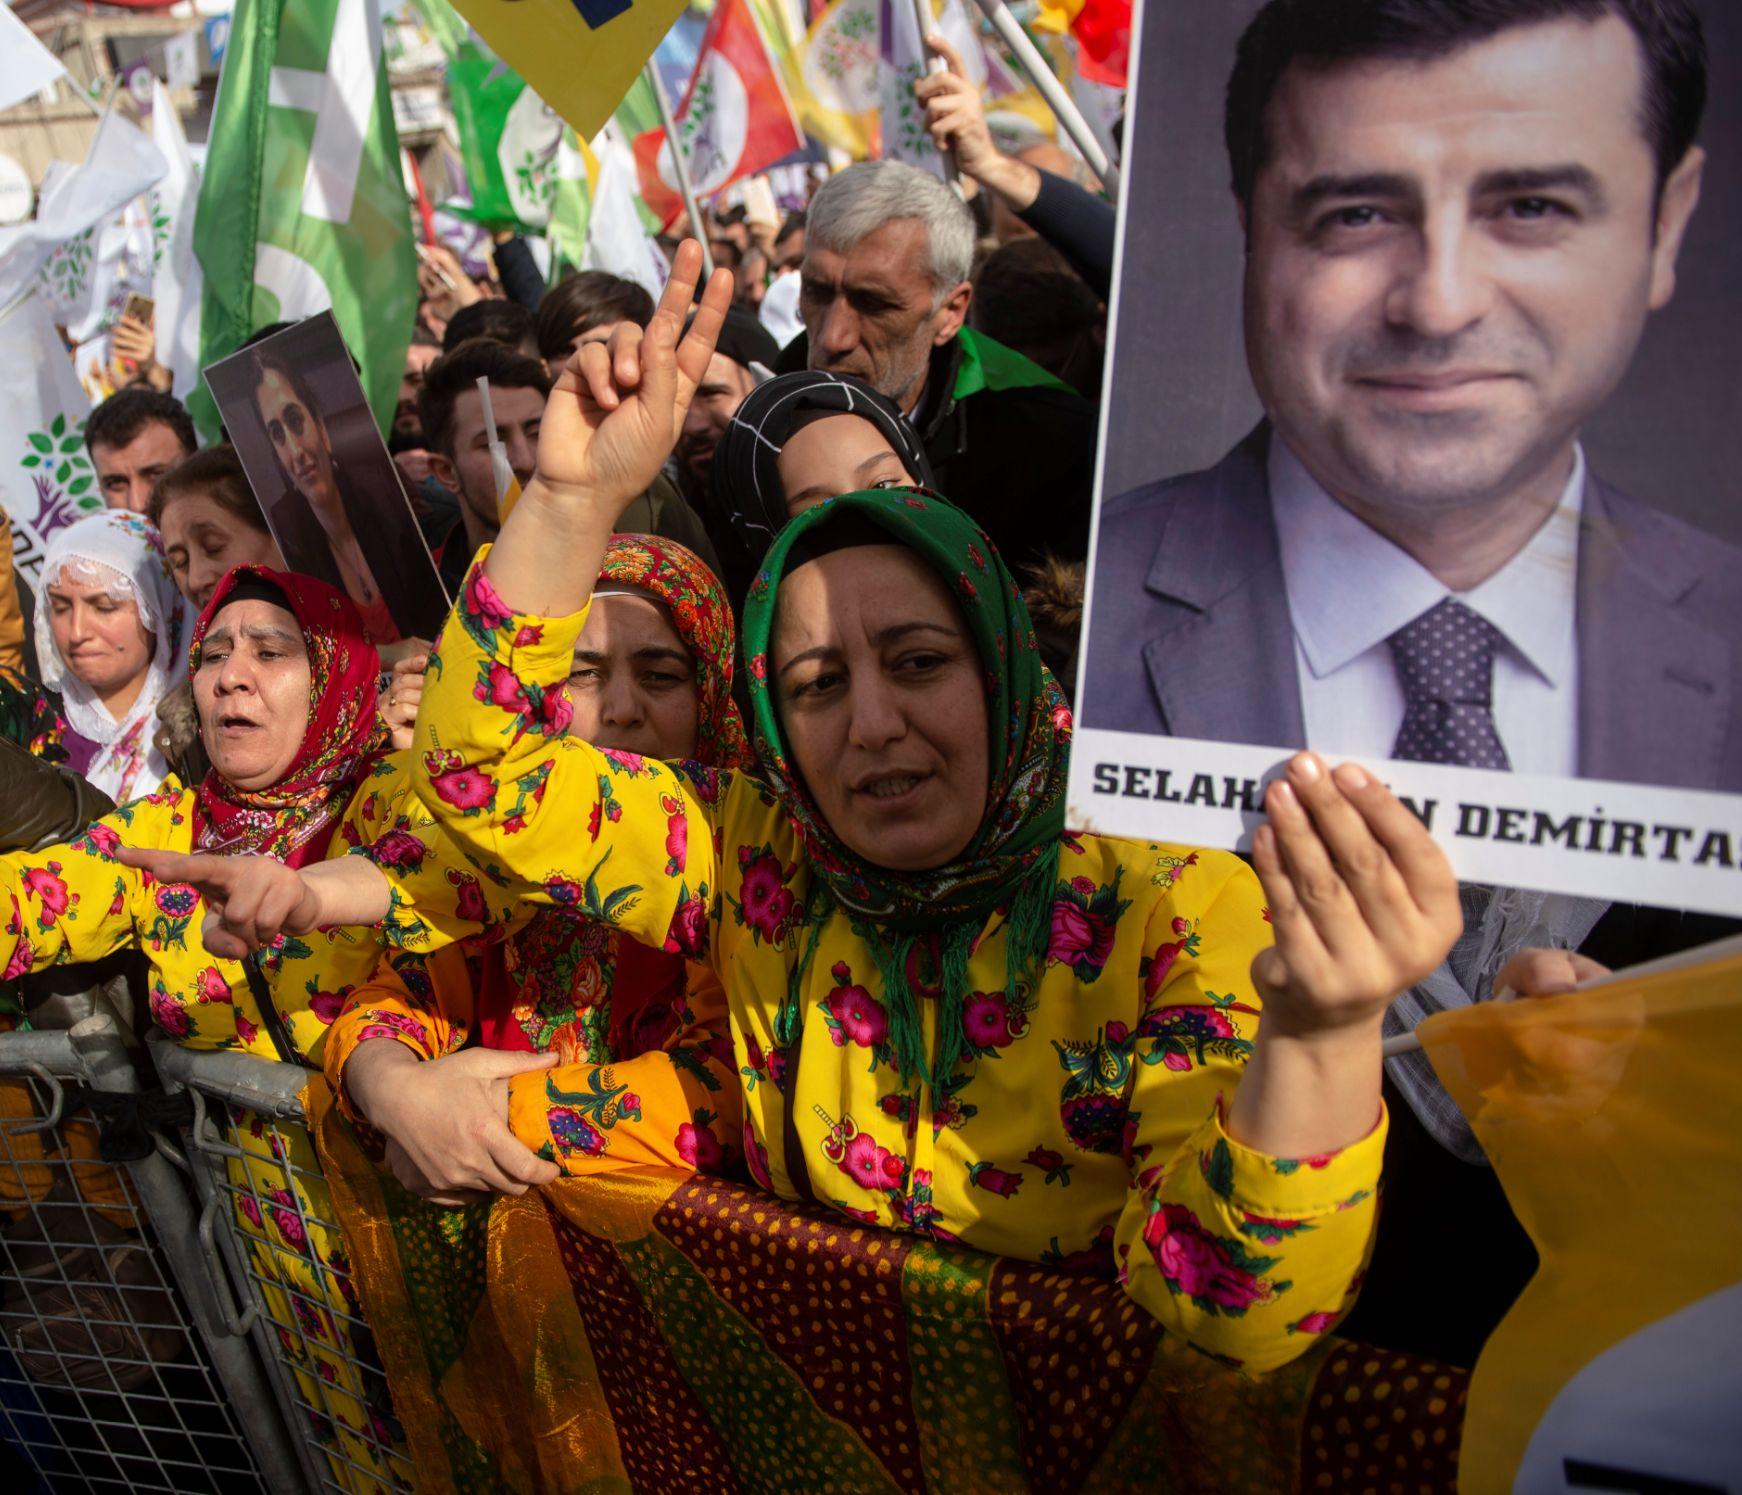 أنصار حزب الشعوب الديمقراطي يحملون صورة دميرتاش أثناء حضورهم تجمعاً لـ